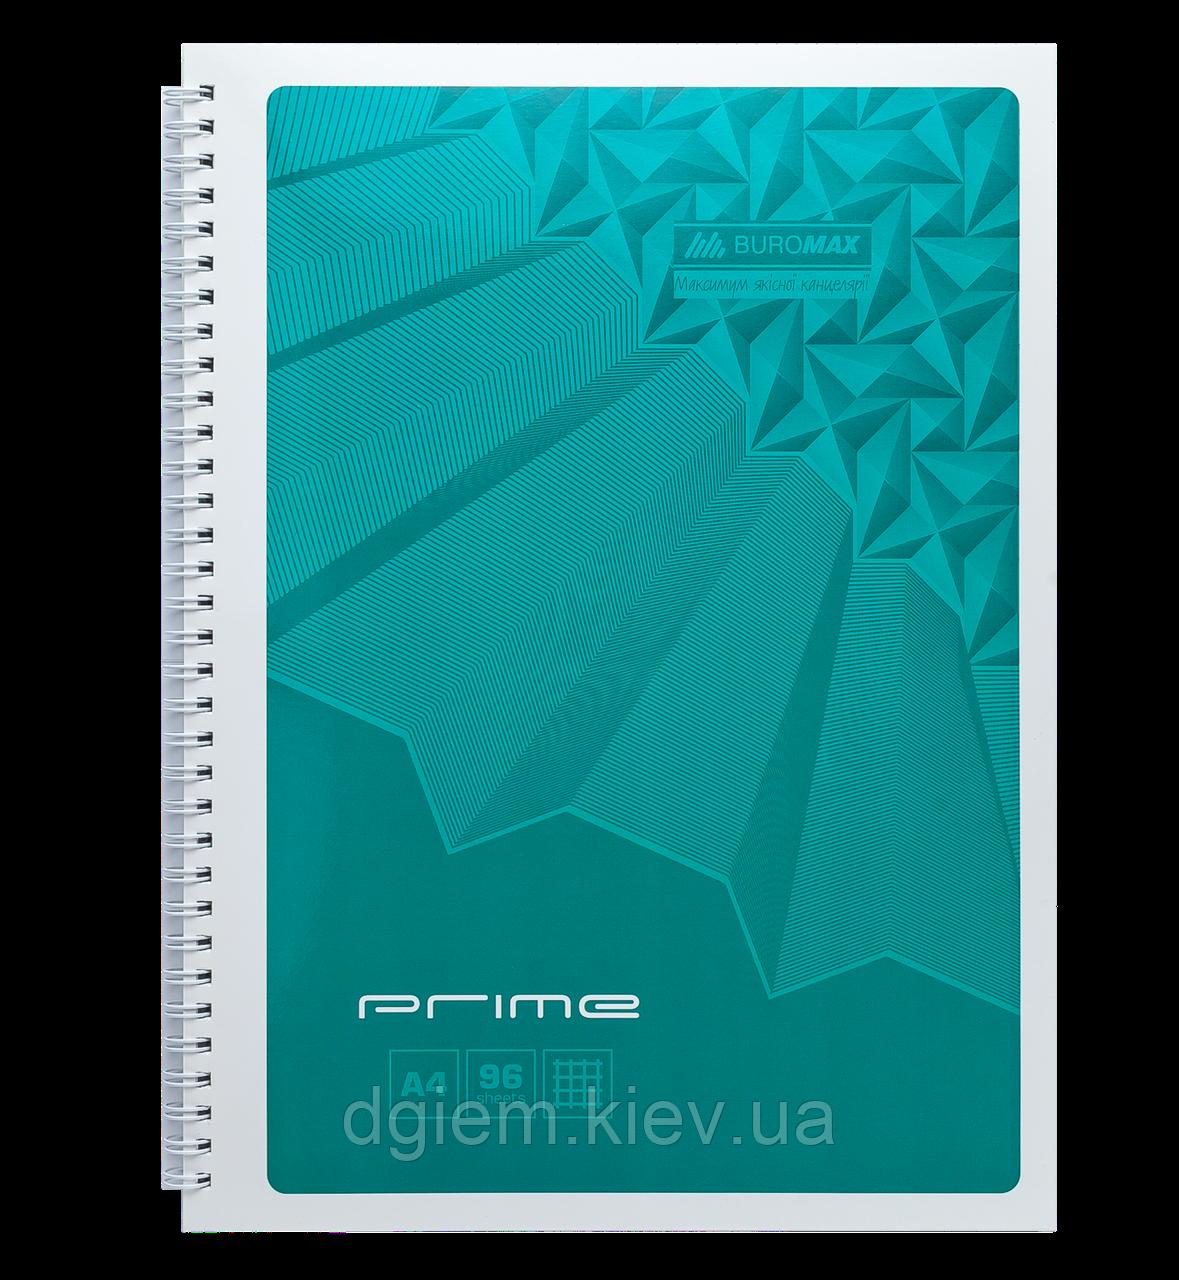 Блокнот А4 96л PRIME пружина сбоку, карт. обложка